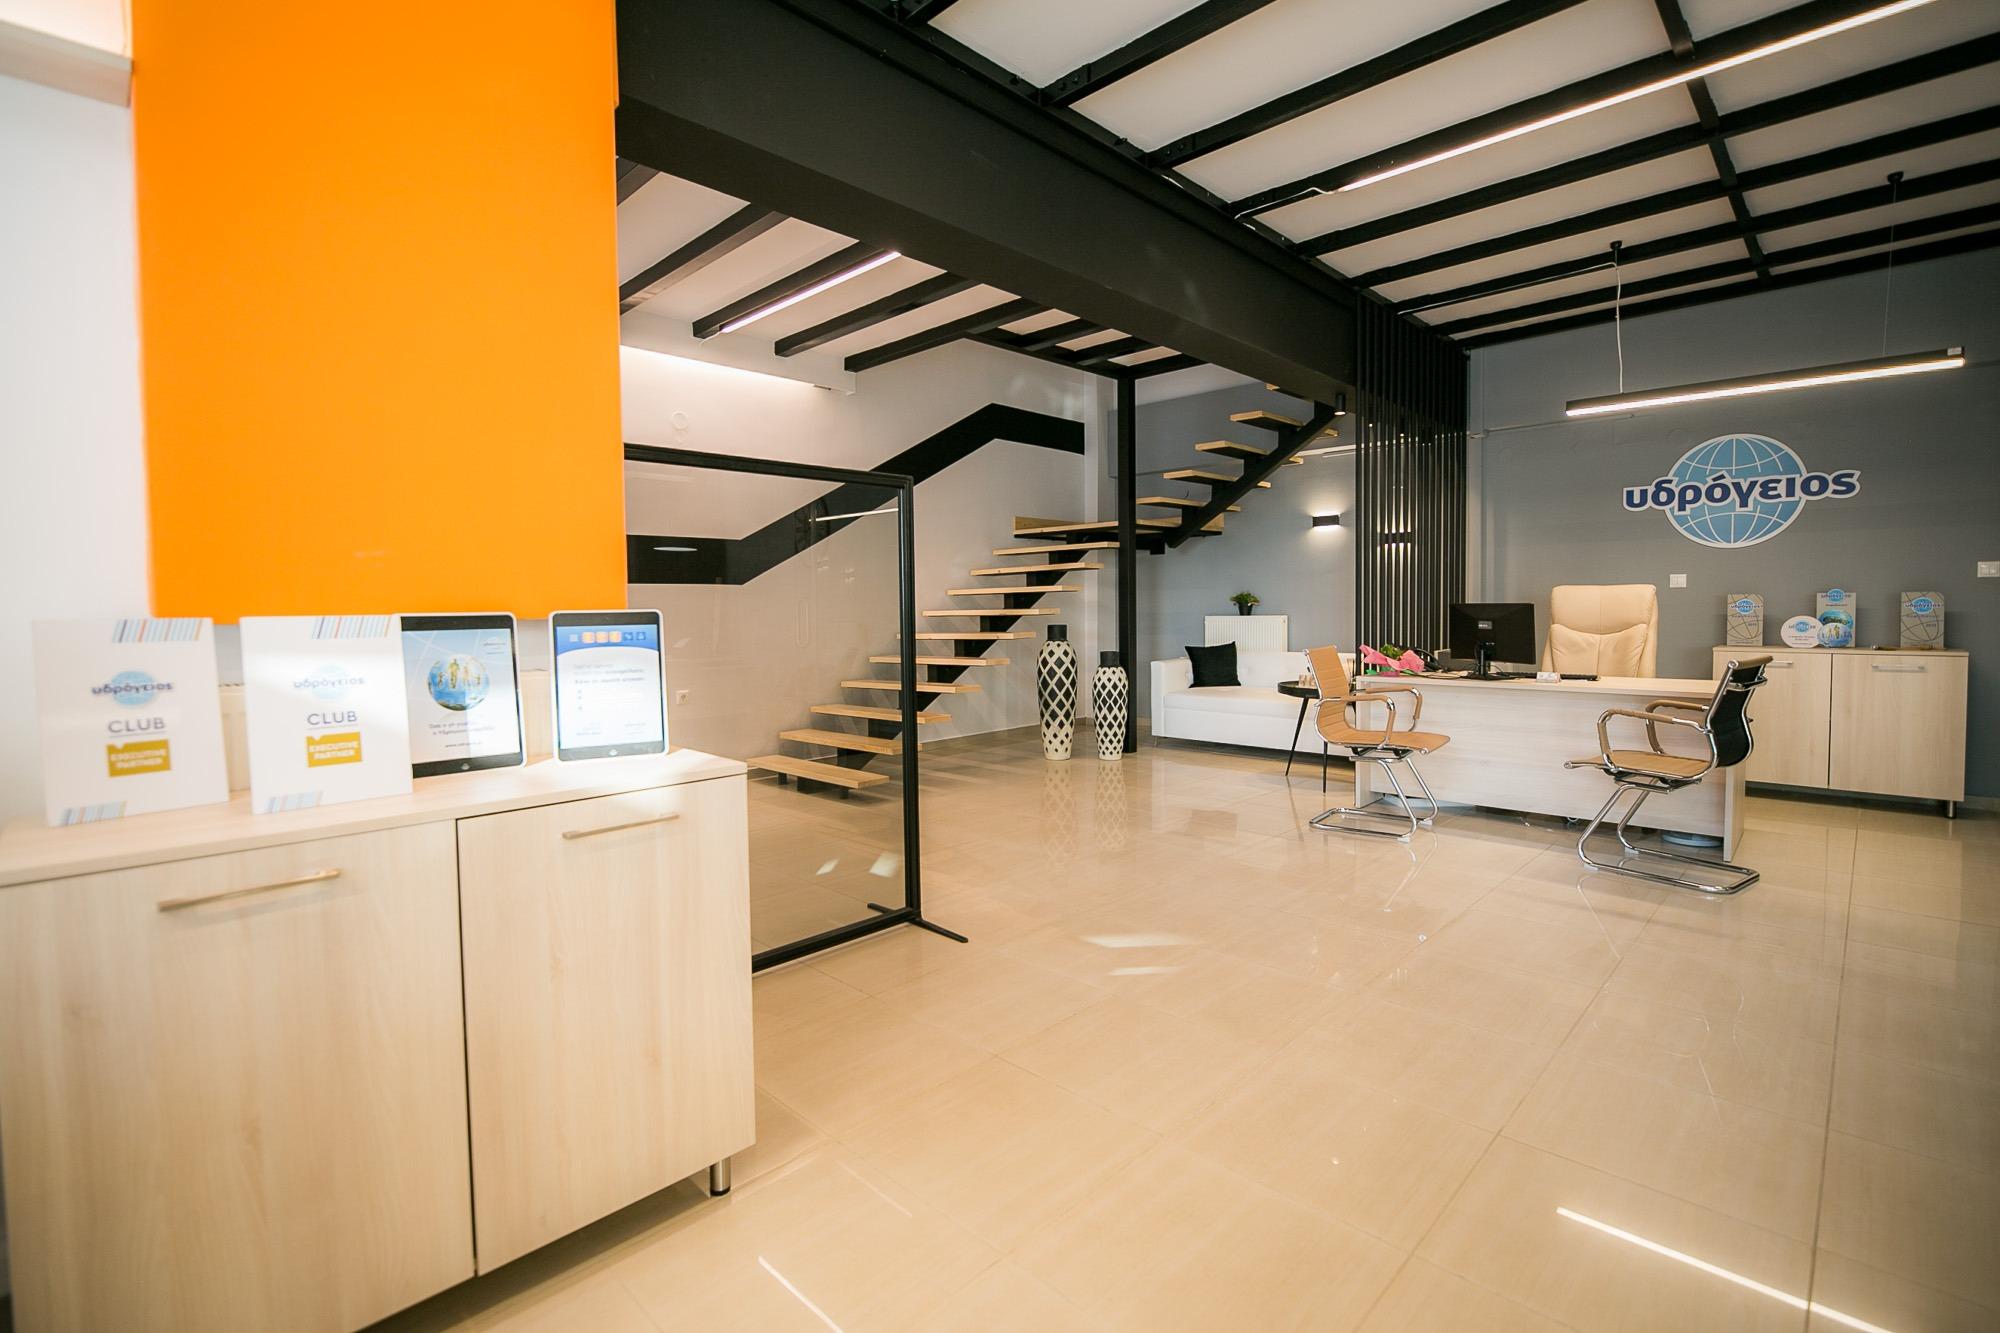 Νέα Γραφεία